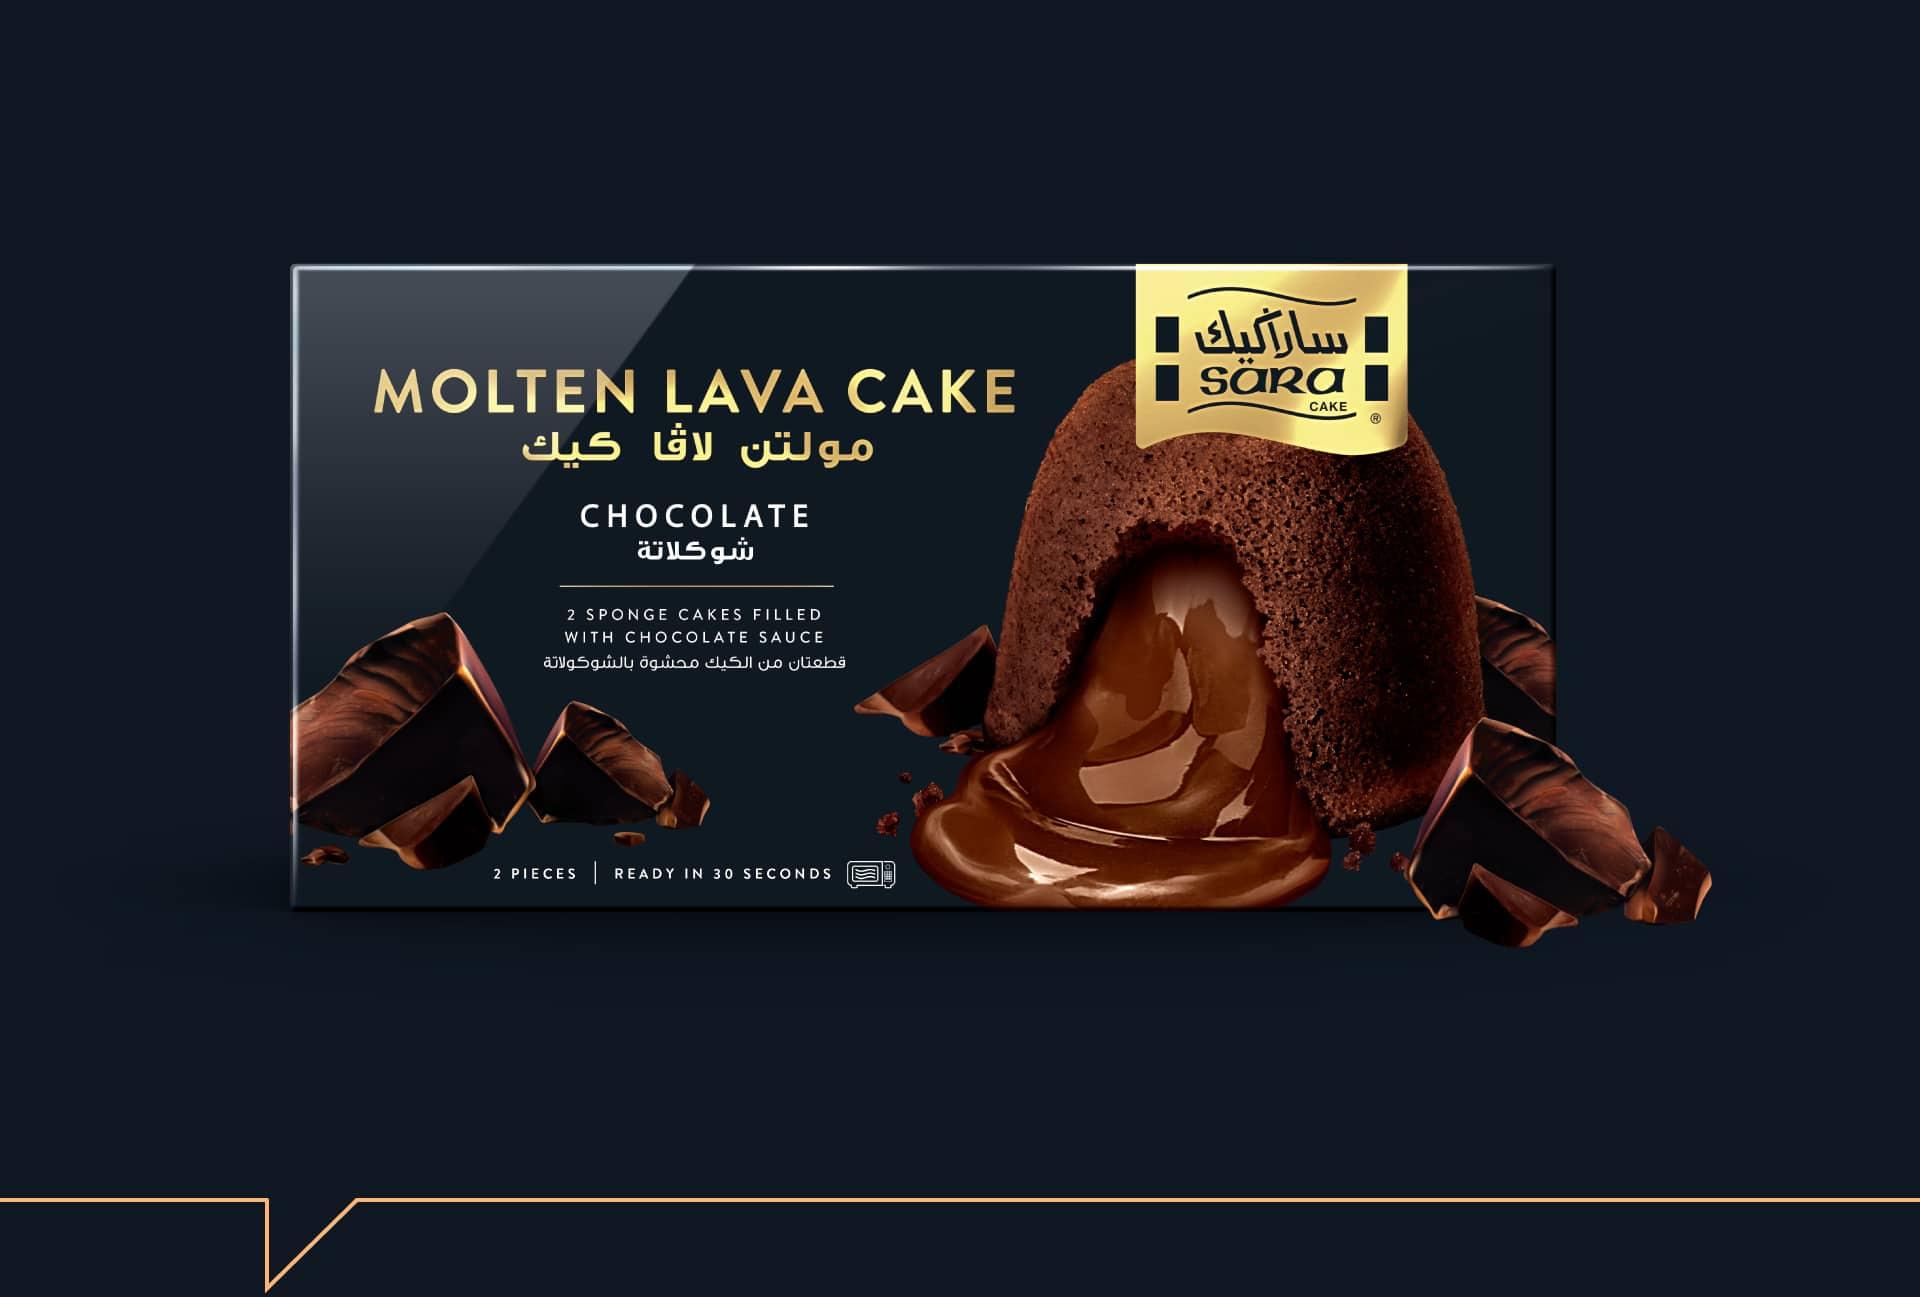 Sara Cake - Packaging Design